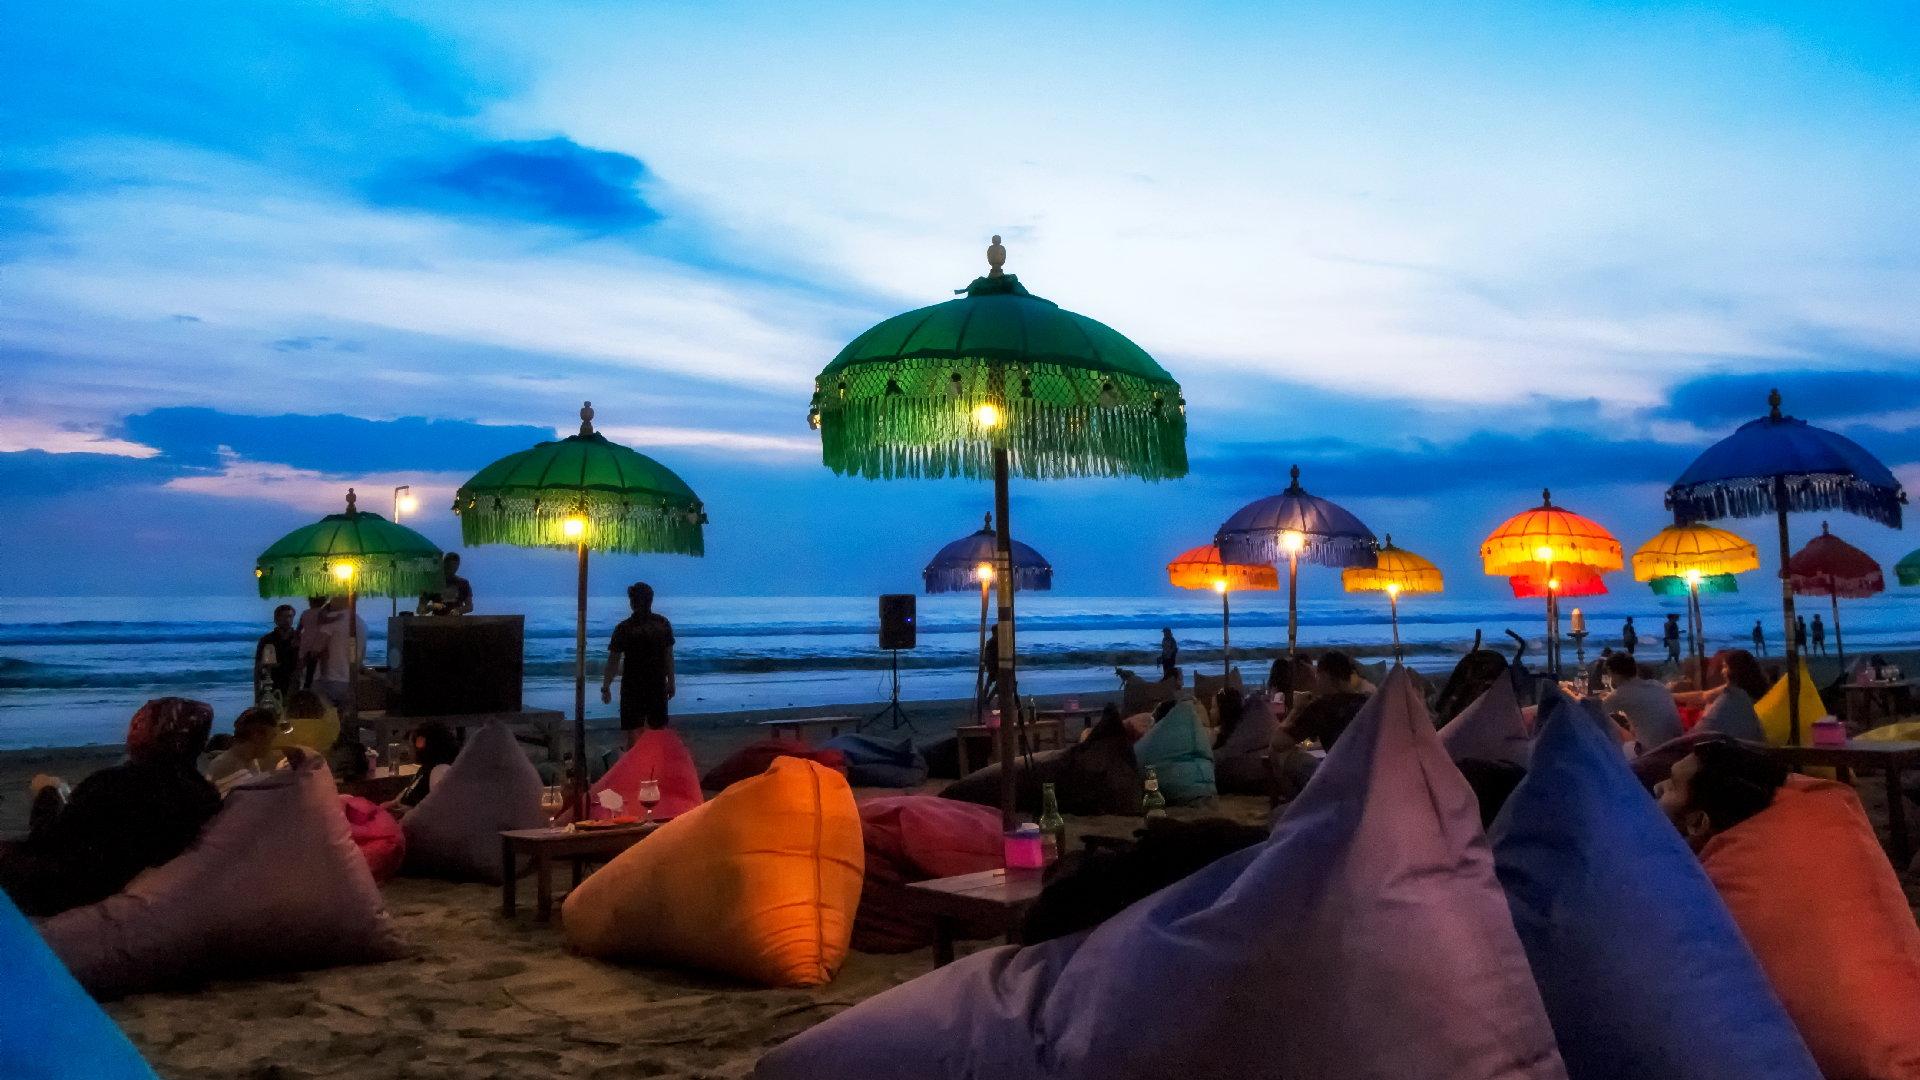 Mapy Bali ke stažení – Výběr nejlepších map ostrova